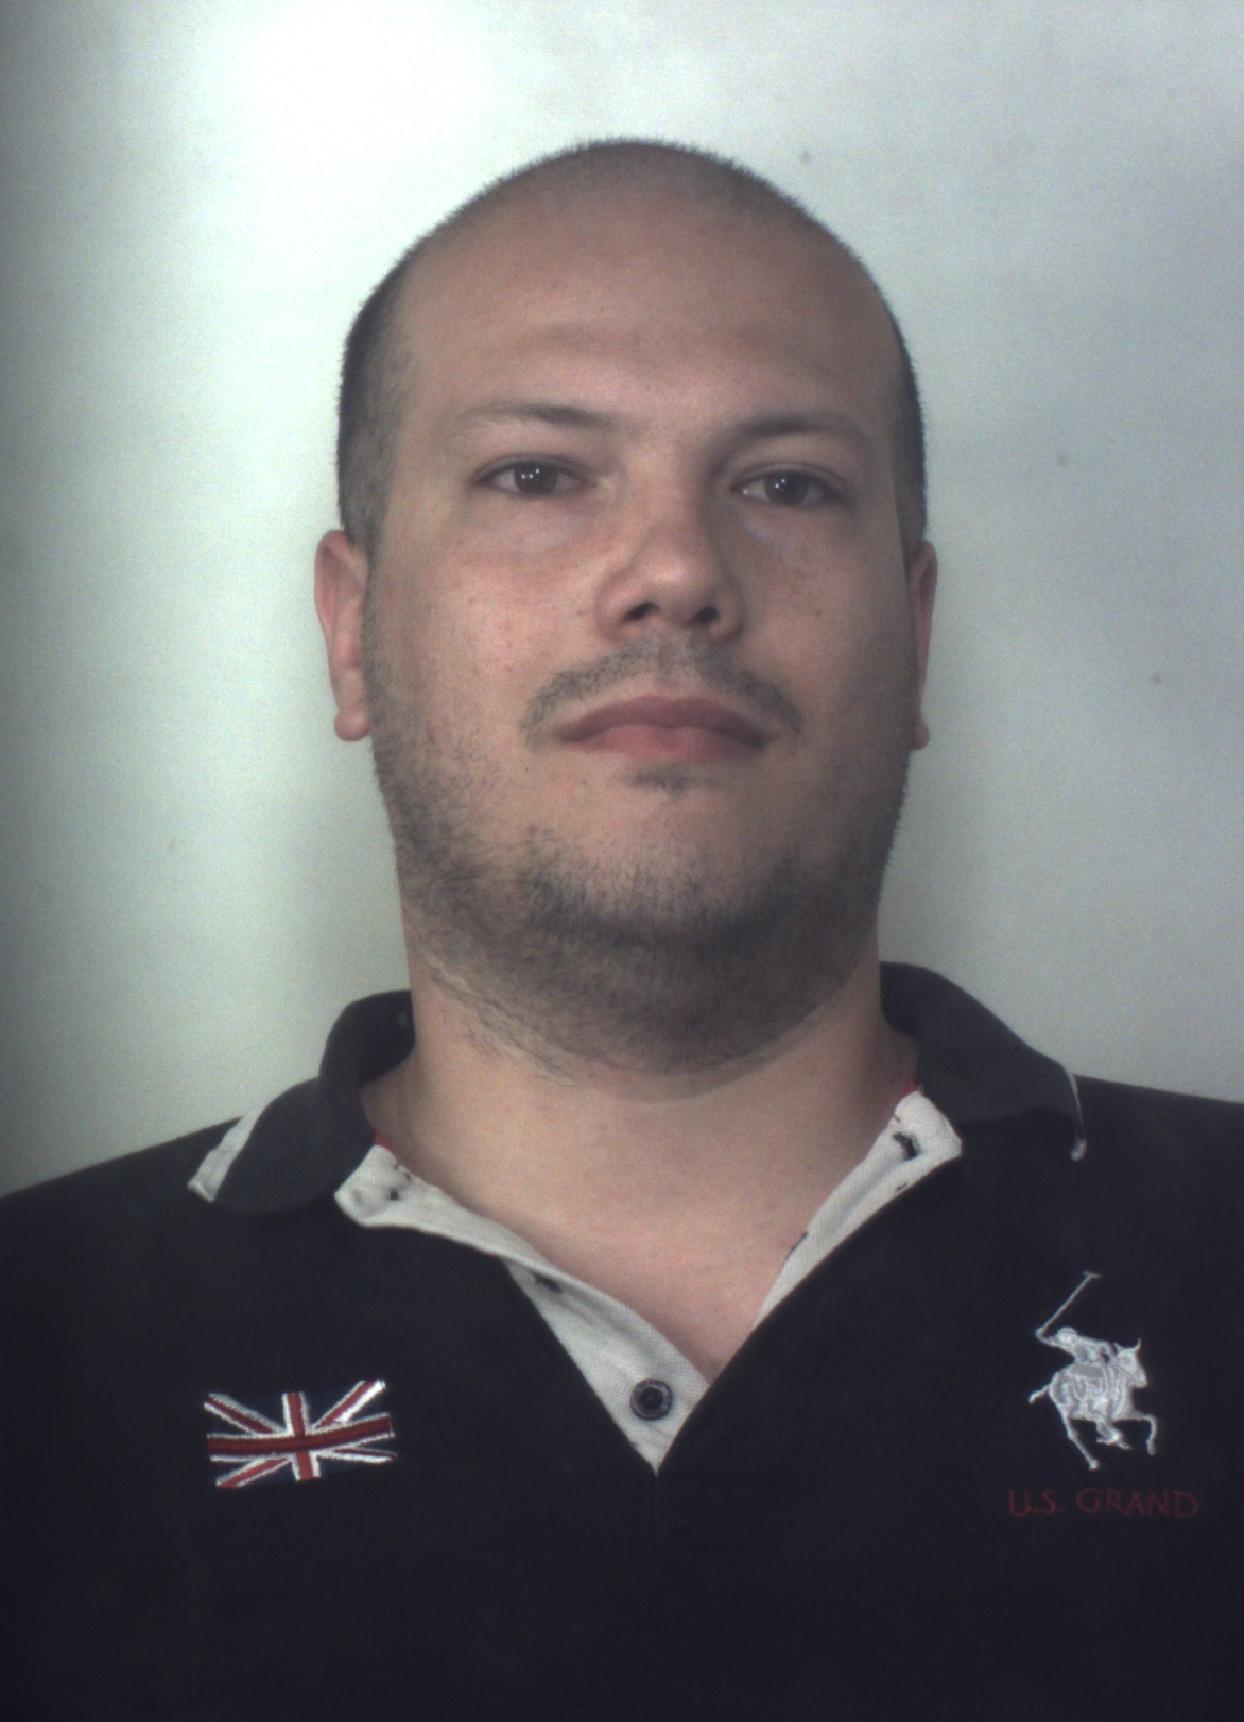 ARRESTATO E PORTATO IN CARCERE UN PREGIUDICATO IN POSSESSO DI COCAINA, CRACK E HASHISH